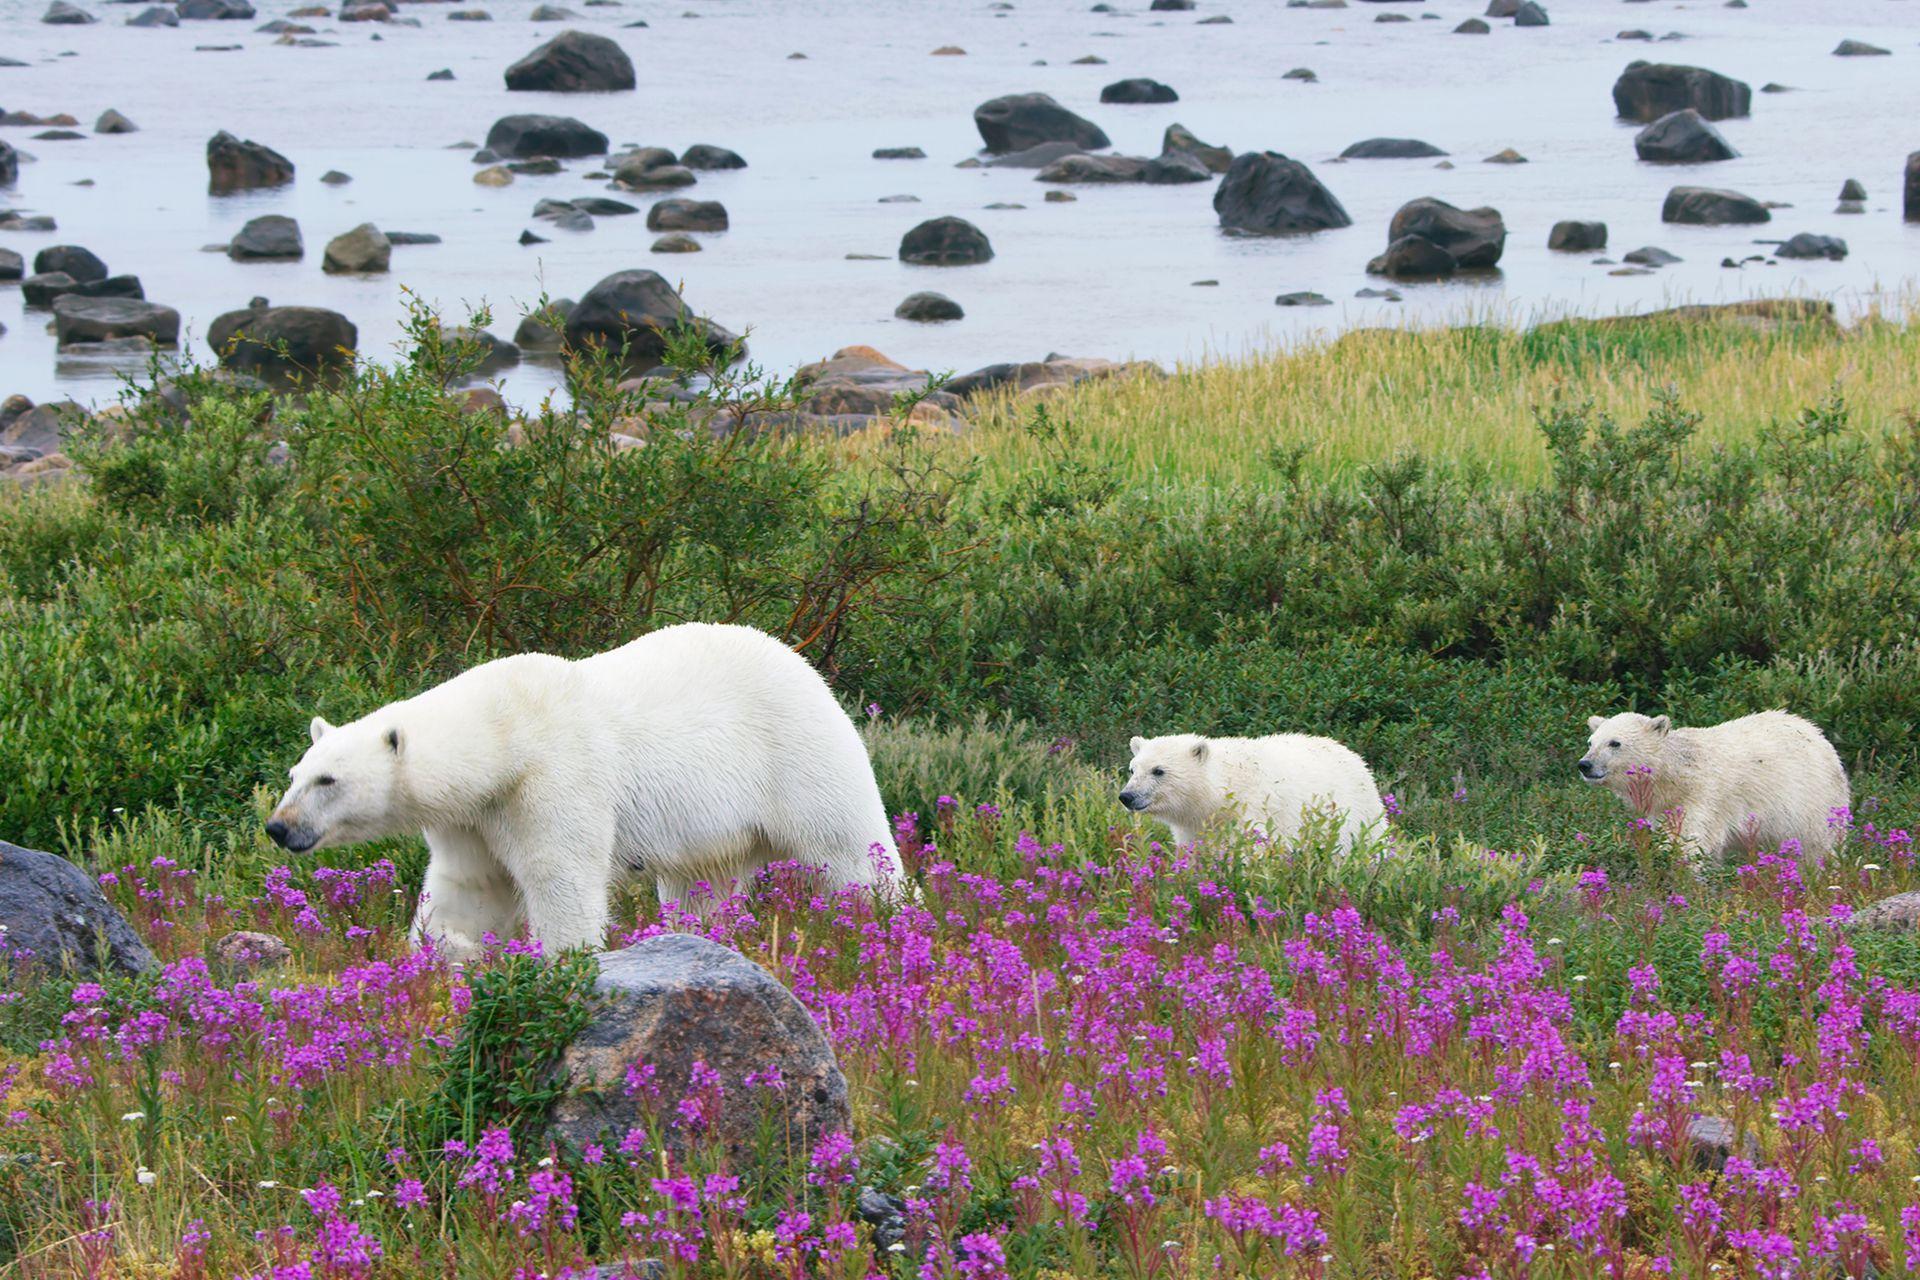 Durante el verano, sin hielo para poder cazar, los osos polares están restringidos a las costas de la Bahía de Hudson en Canadá